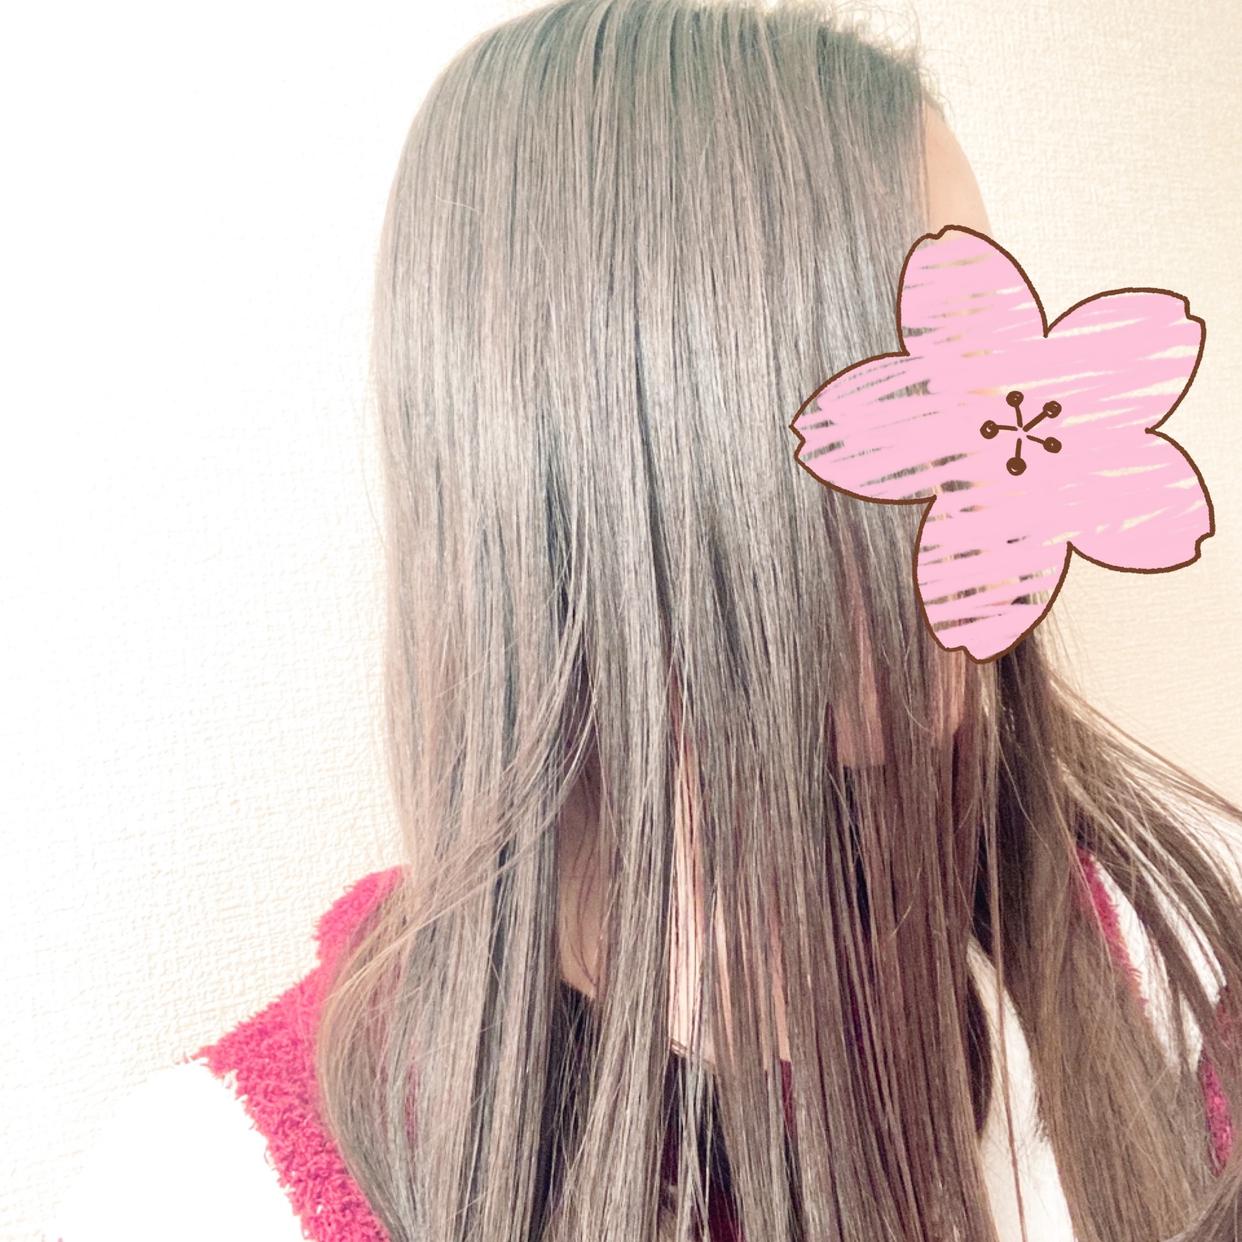 b.est(ビーエスト) organic sparkling shampooを使ったyunaさんのクチコミ画像3